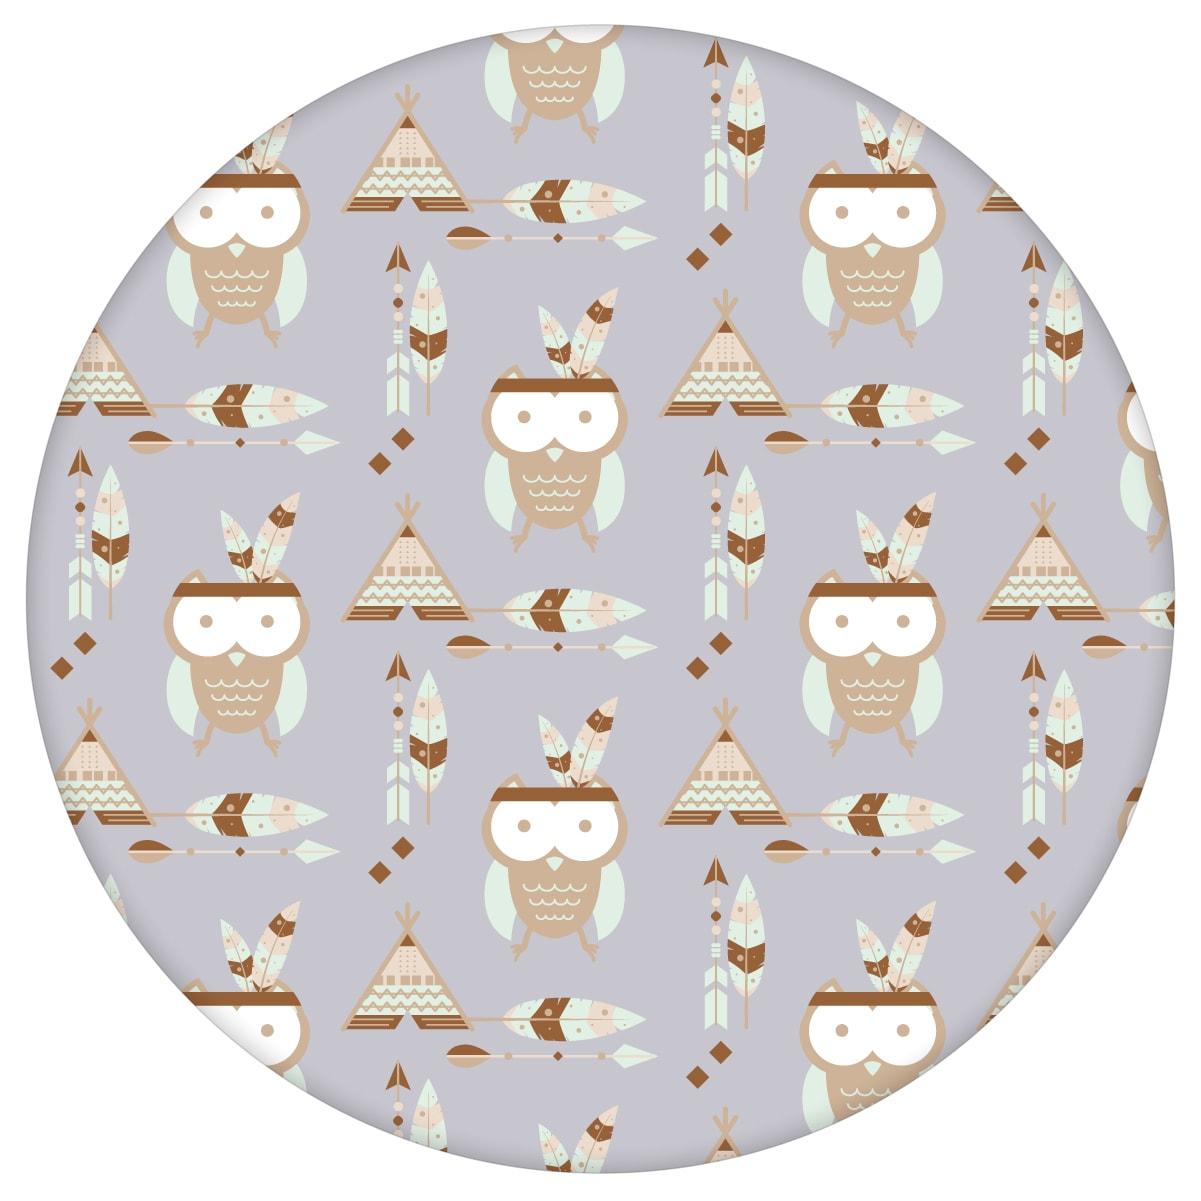 Kindertapete Indianer Eulen mit Federn in grau - Design Tapete für Kinderzimmer aus den Tapeten Neuheiten Exklusive Tapete für schönes Wohnen als Naturaltouch Luxus Vliestapete oder Basic Vliestapete